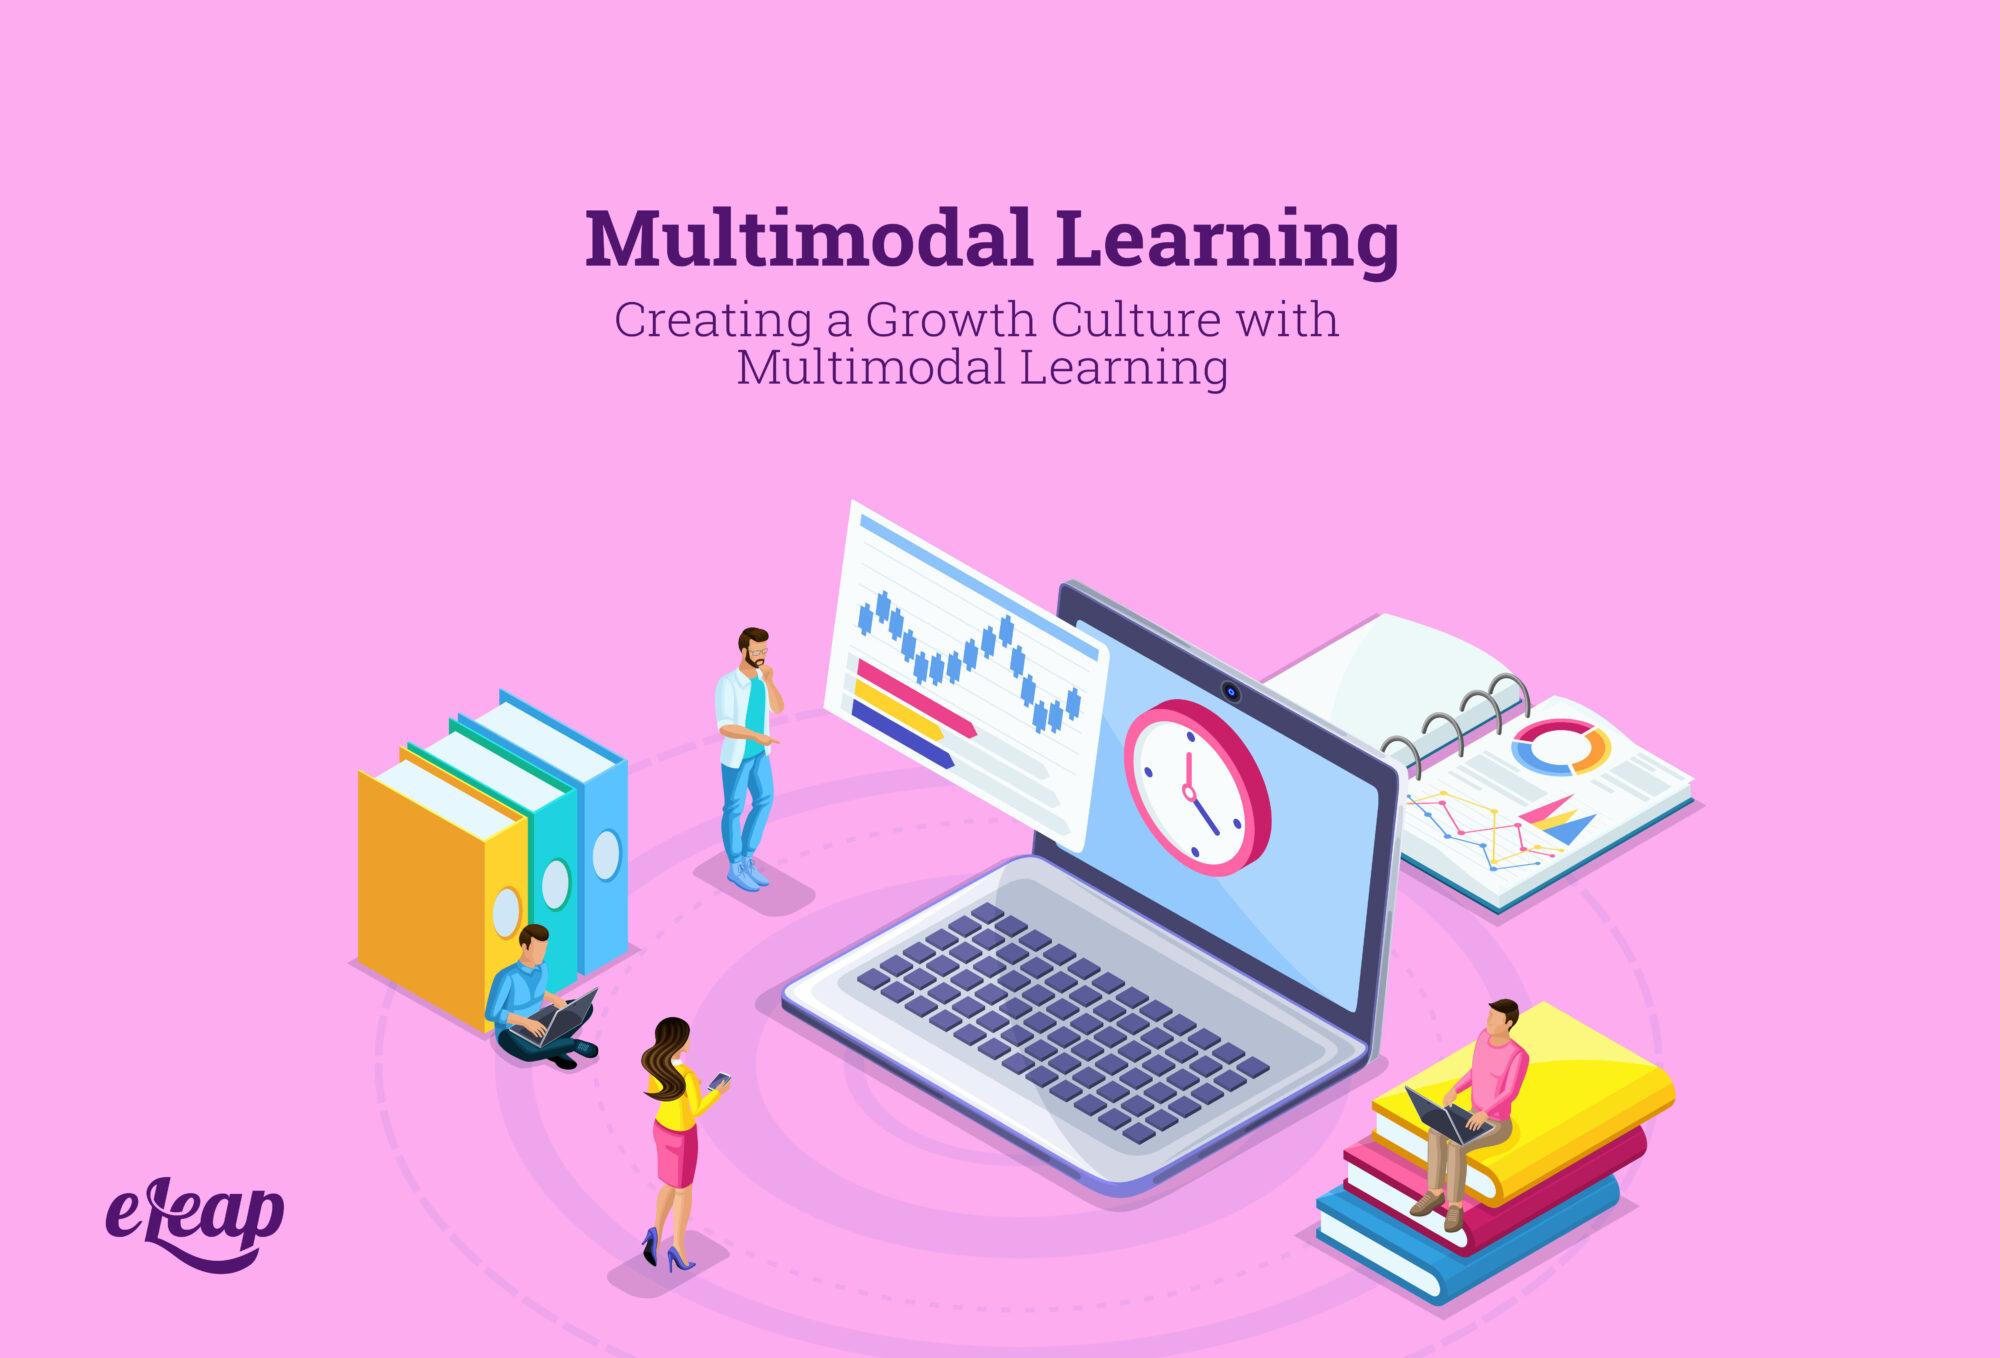 Multimodal Learning